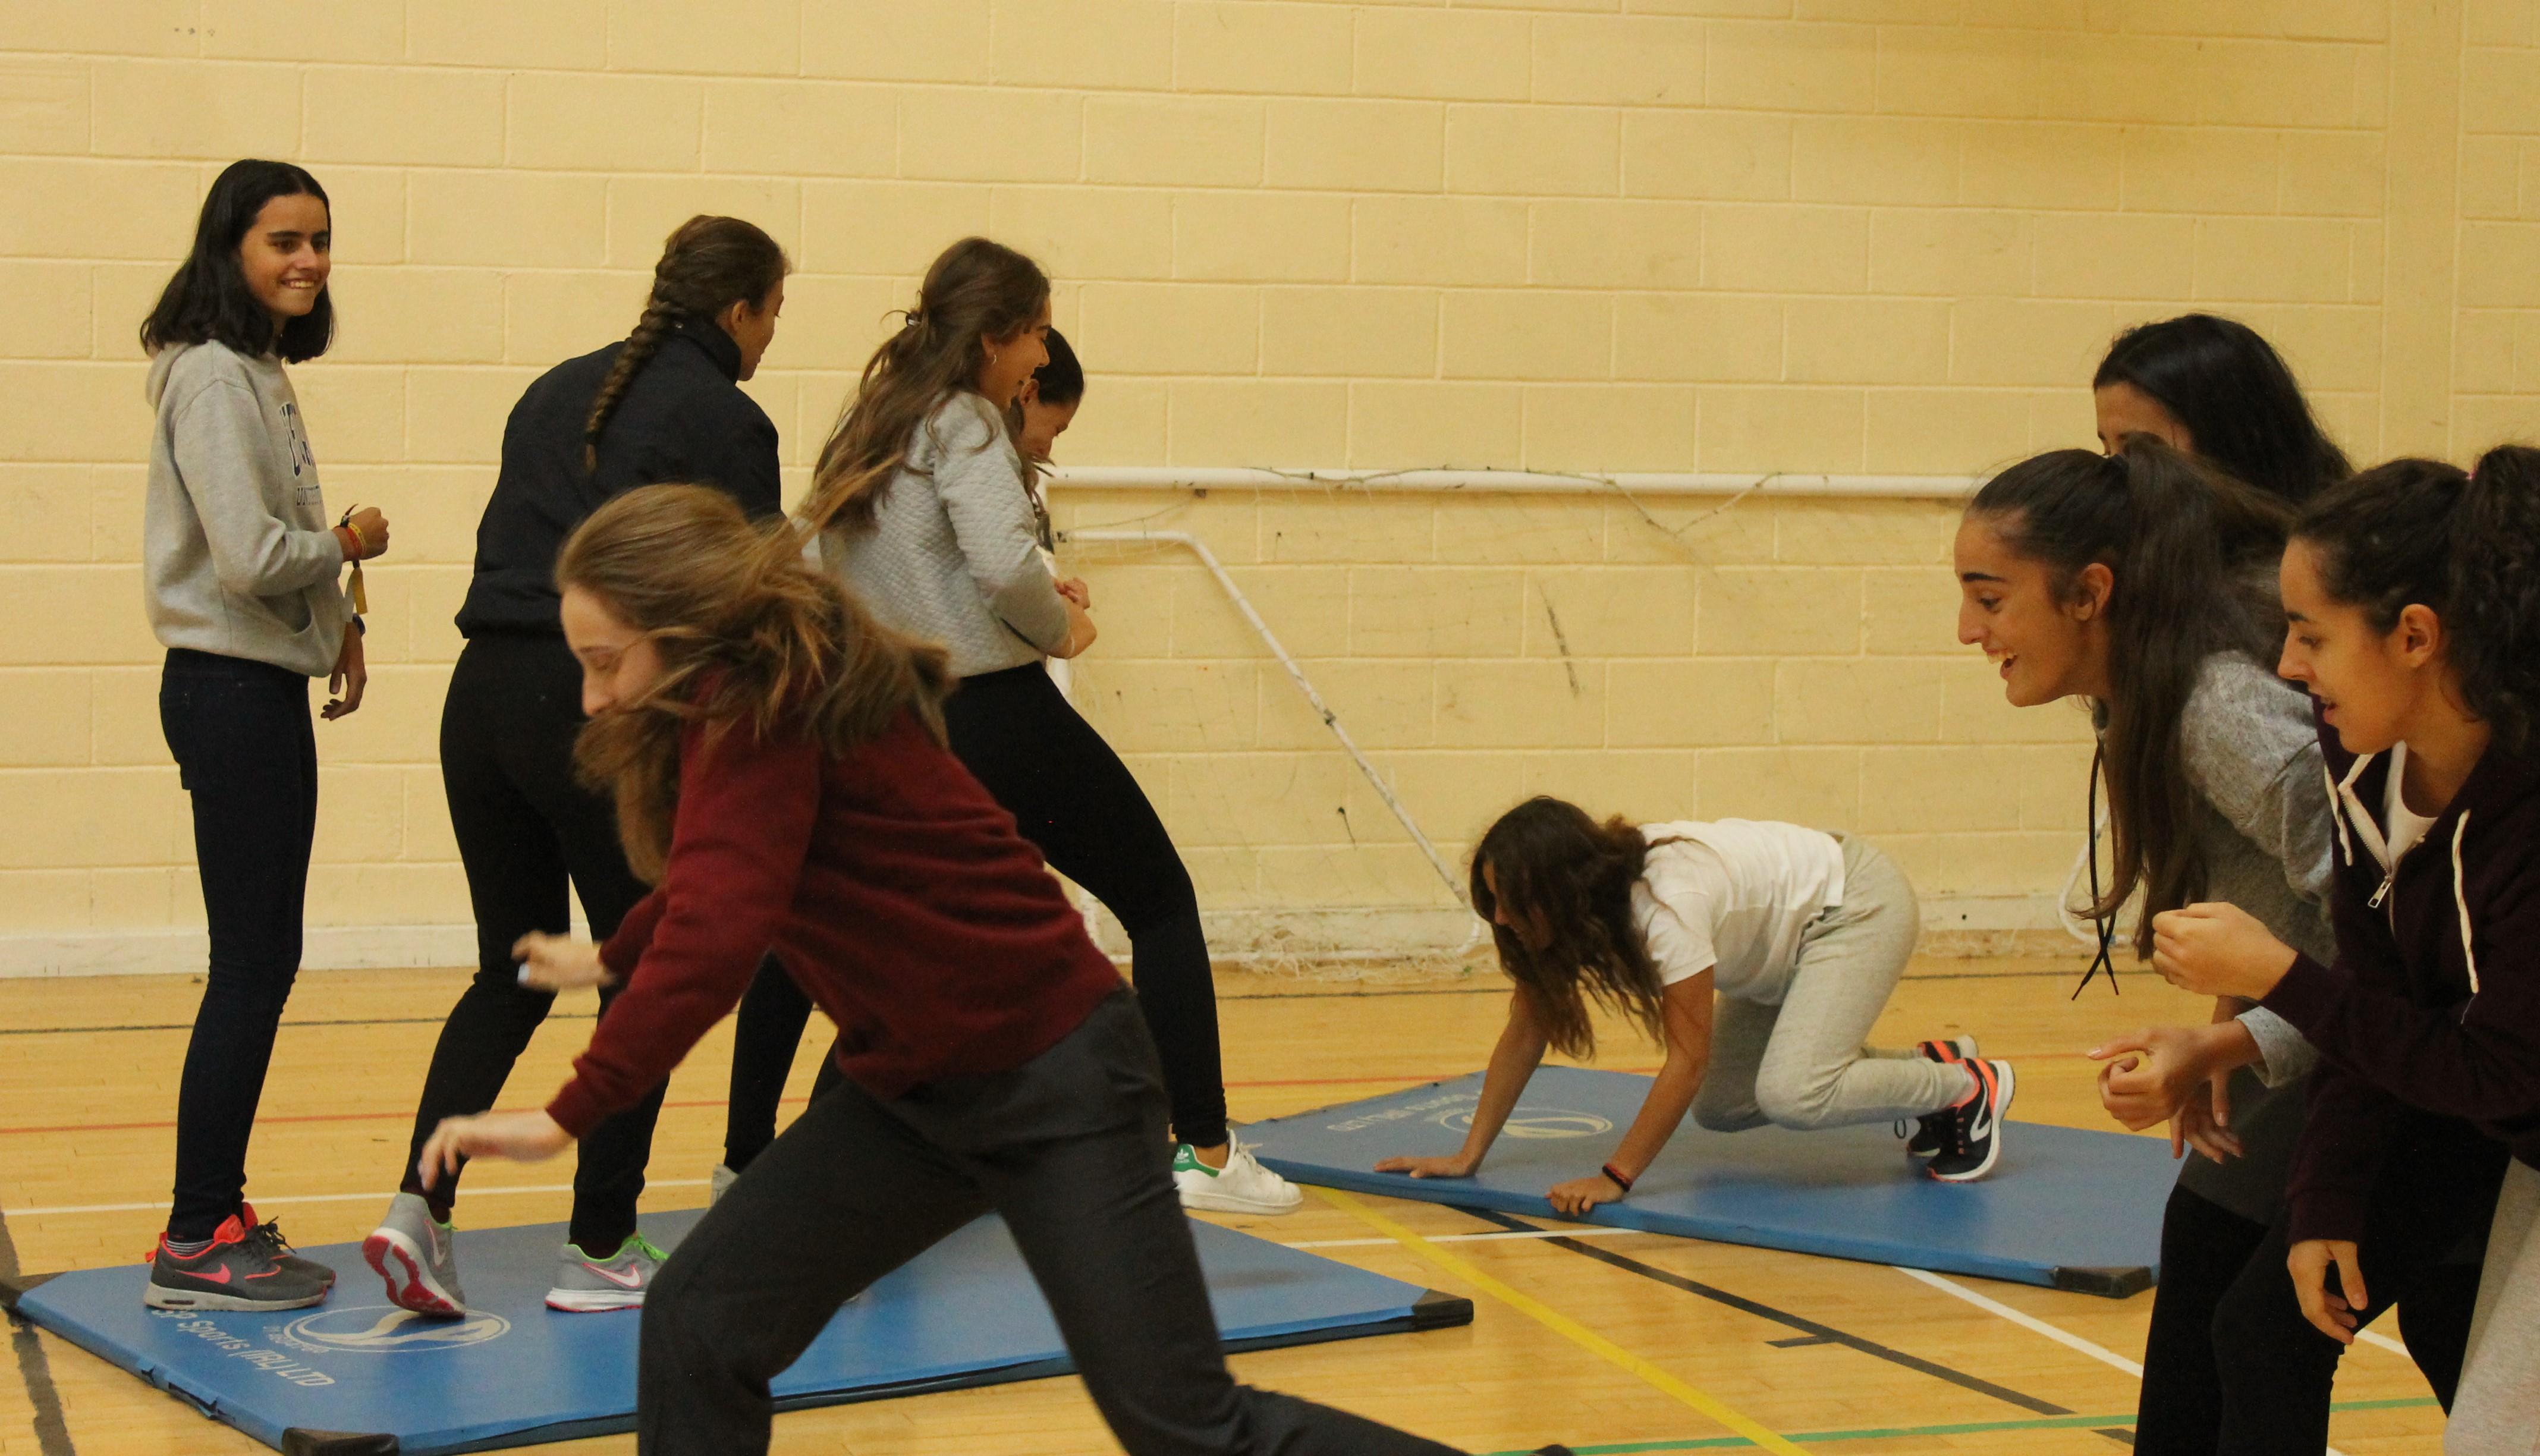 ¡Las chicas tuvieron que mover las colchonetas hasta el final de la sala sin tocar el suelo porque este era lava!